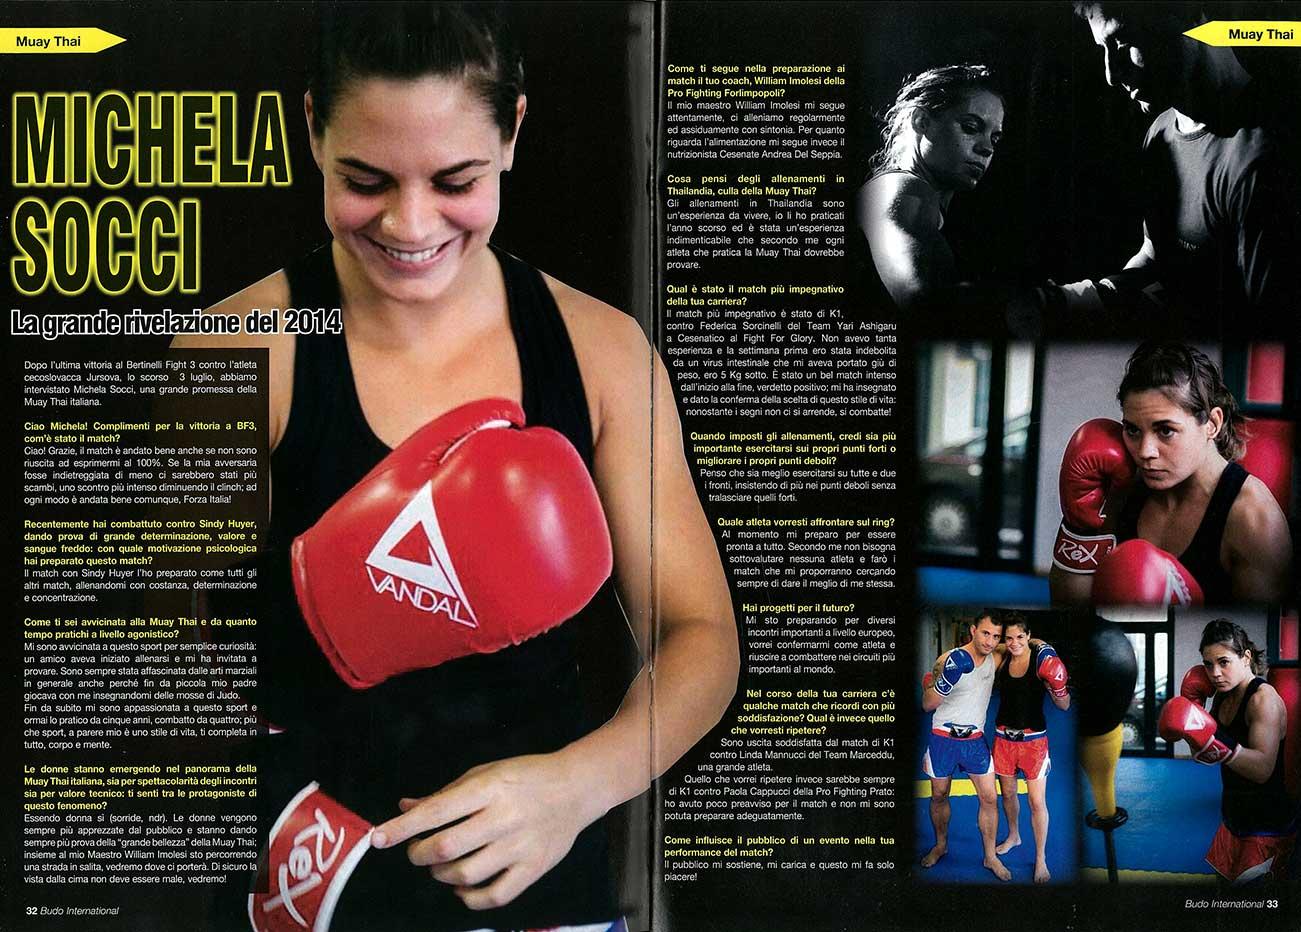 Intervista a Michela Socci, campionessa di muay thai sulla prestigiosa rivista Budo International